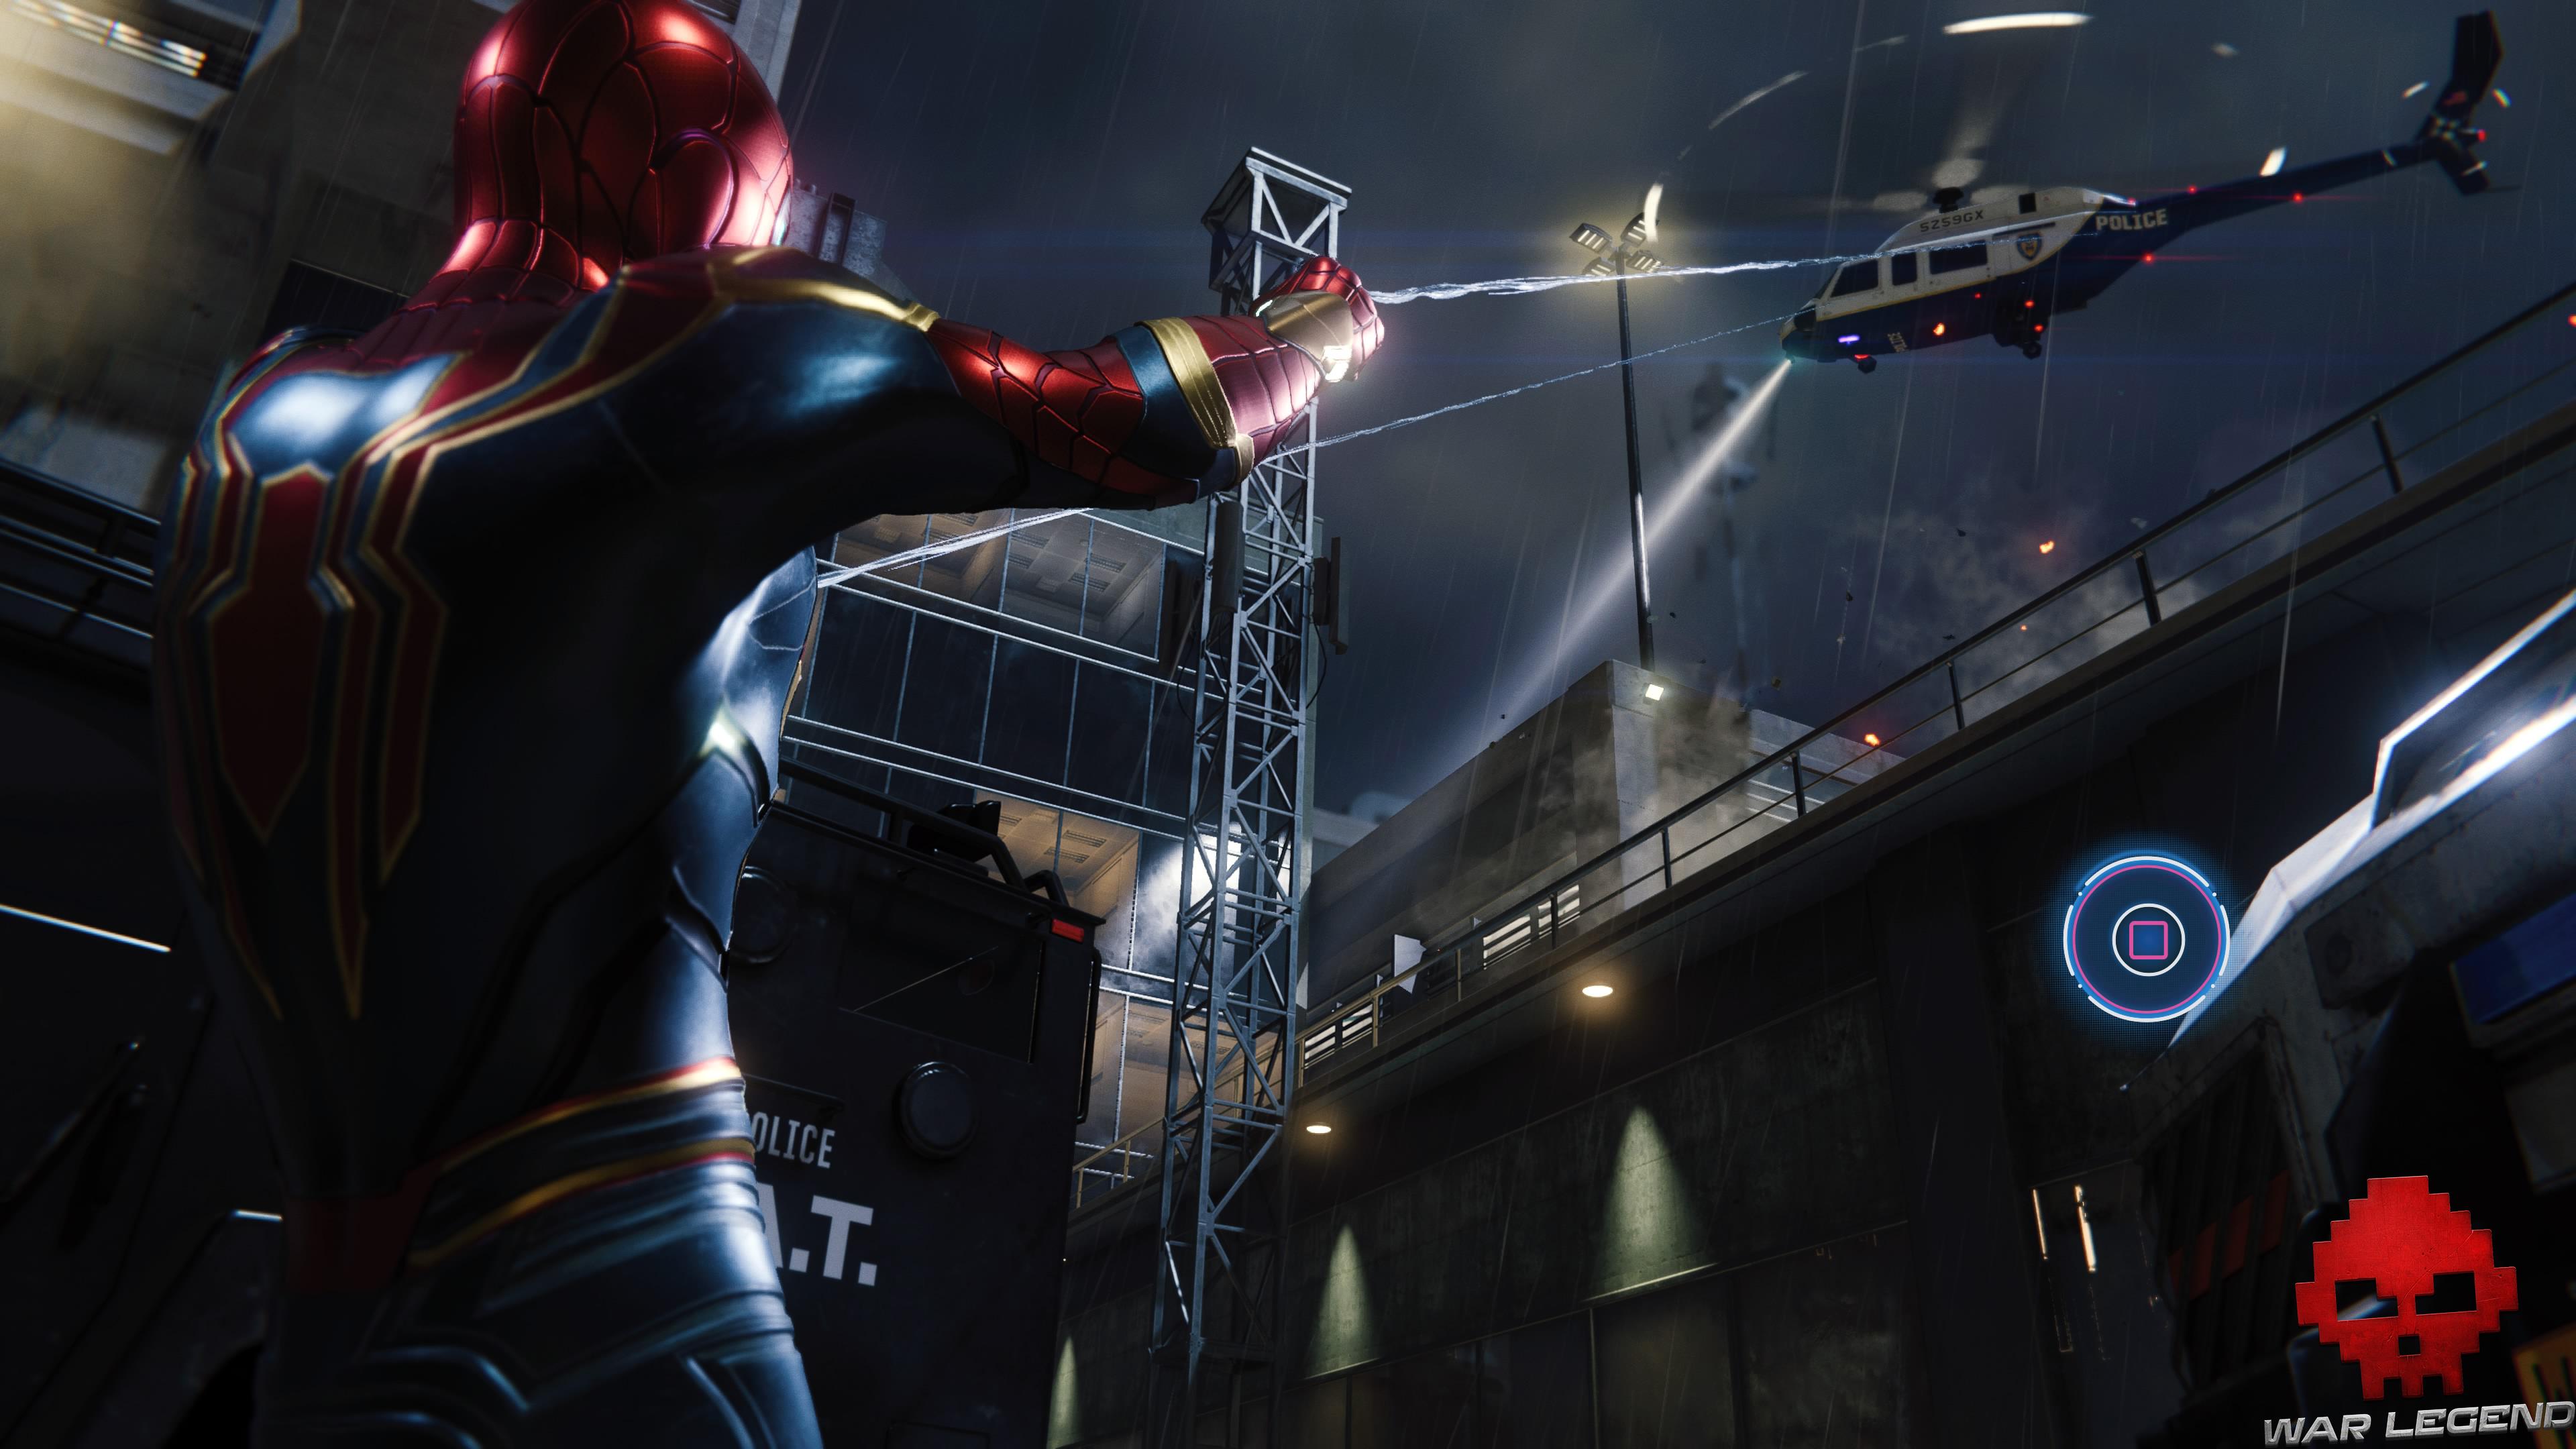 solution spider-man réflexion - Spider-Man retient un hélicoptère avec ses toiles